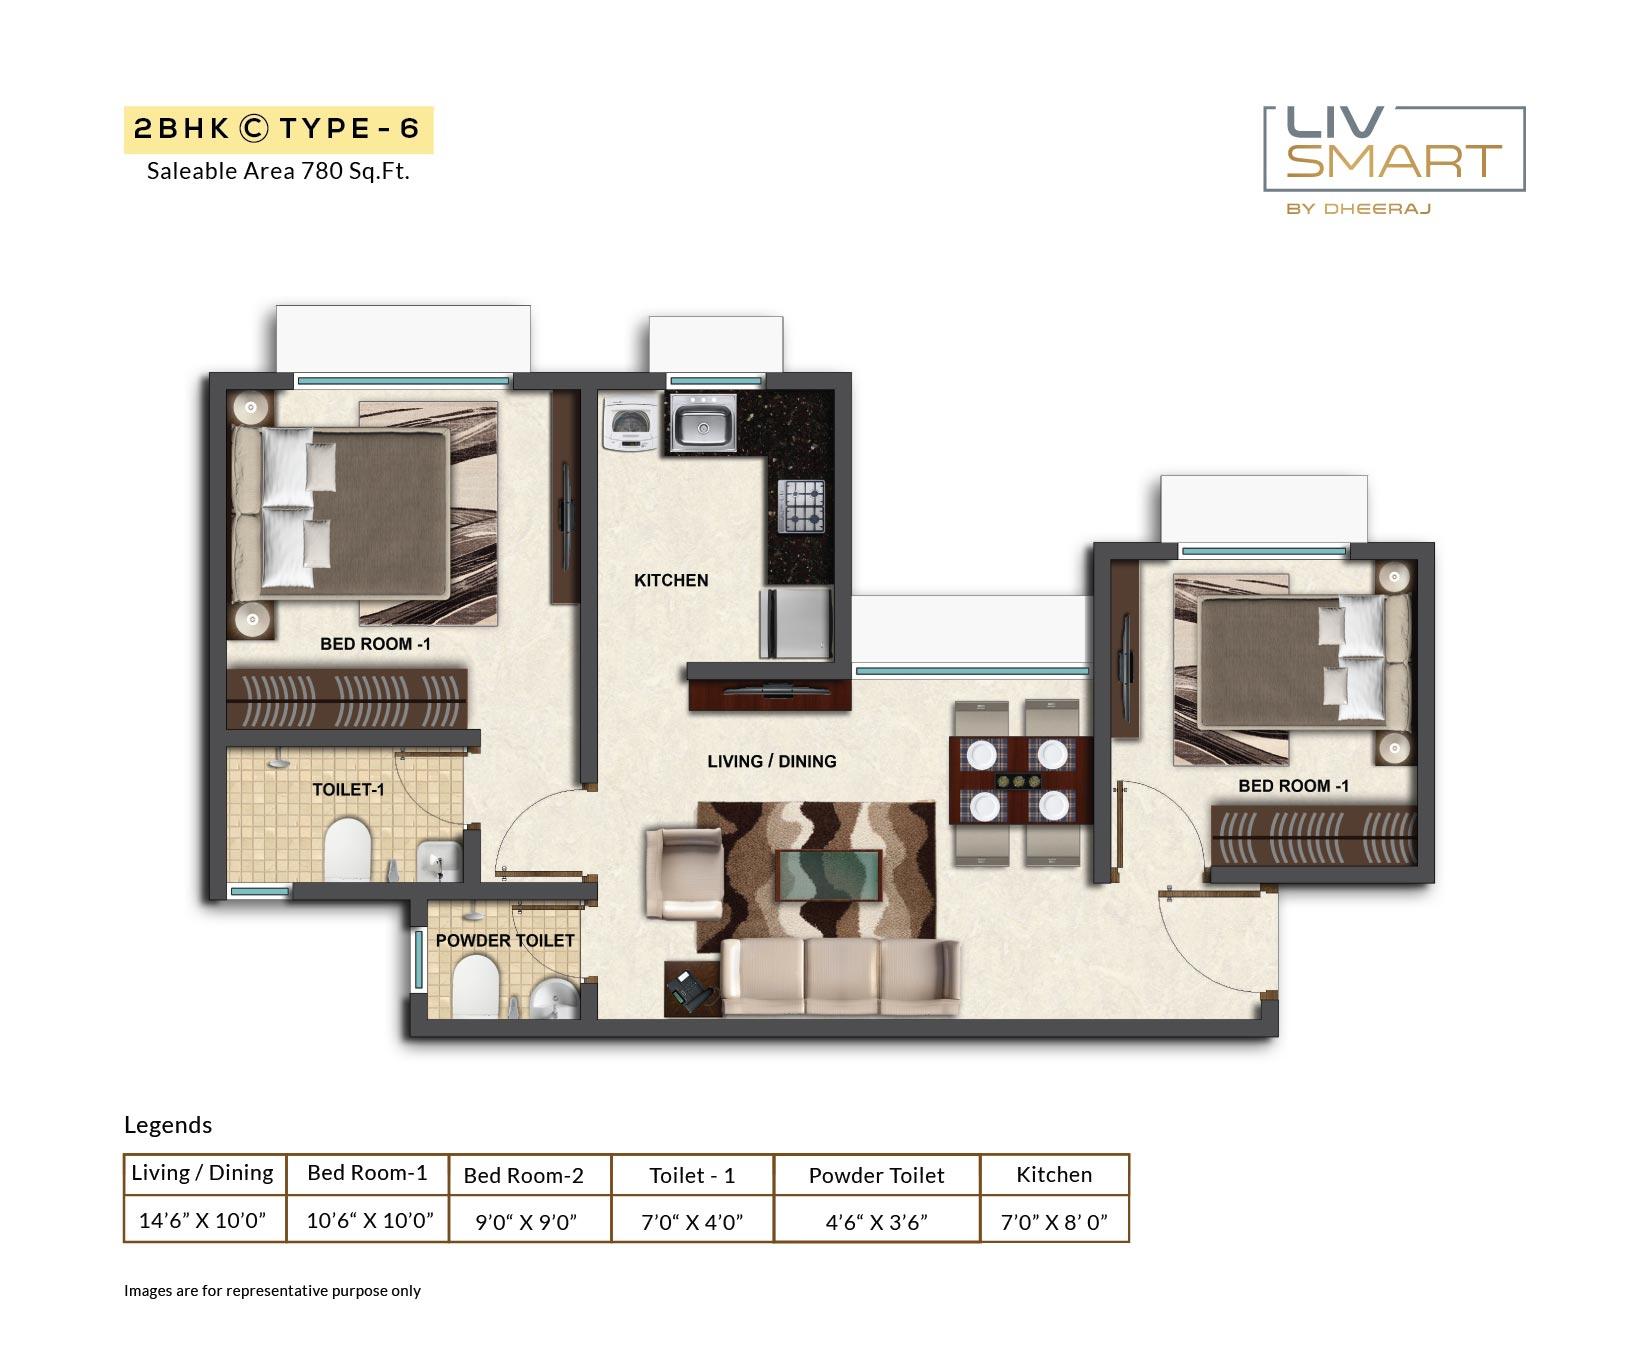 dheeraj liv smart apartment 1bhk 780sqft 1